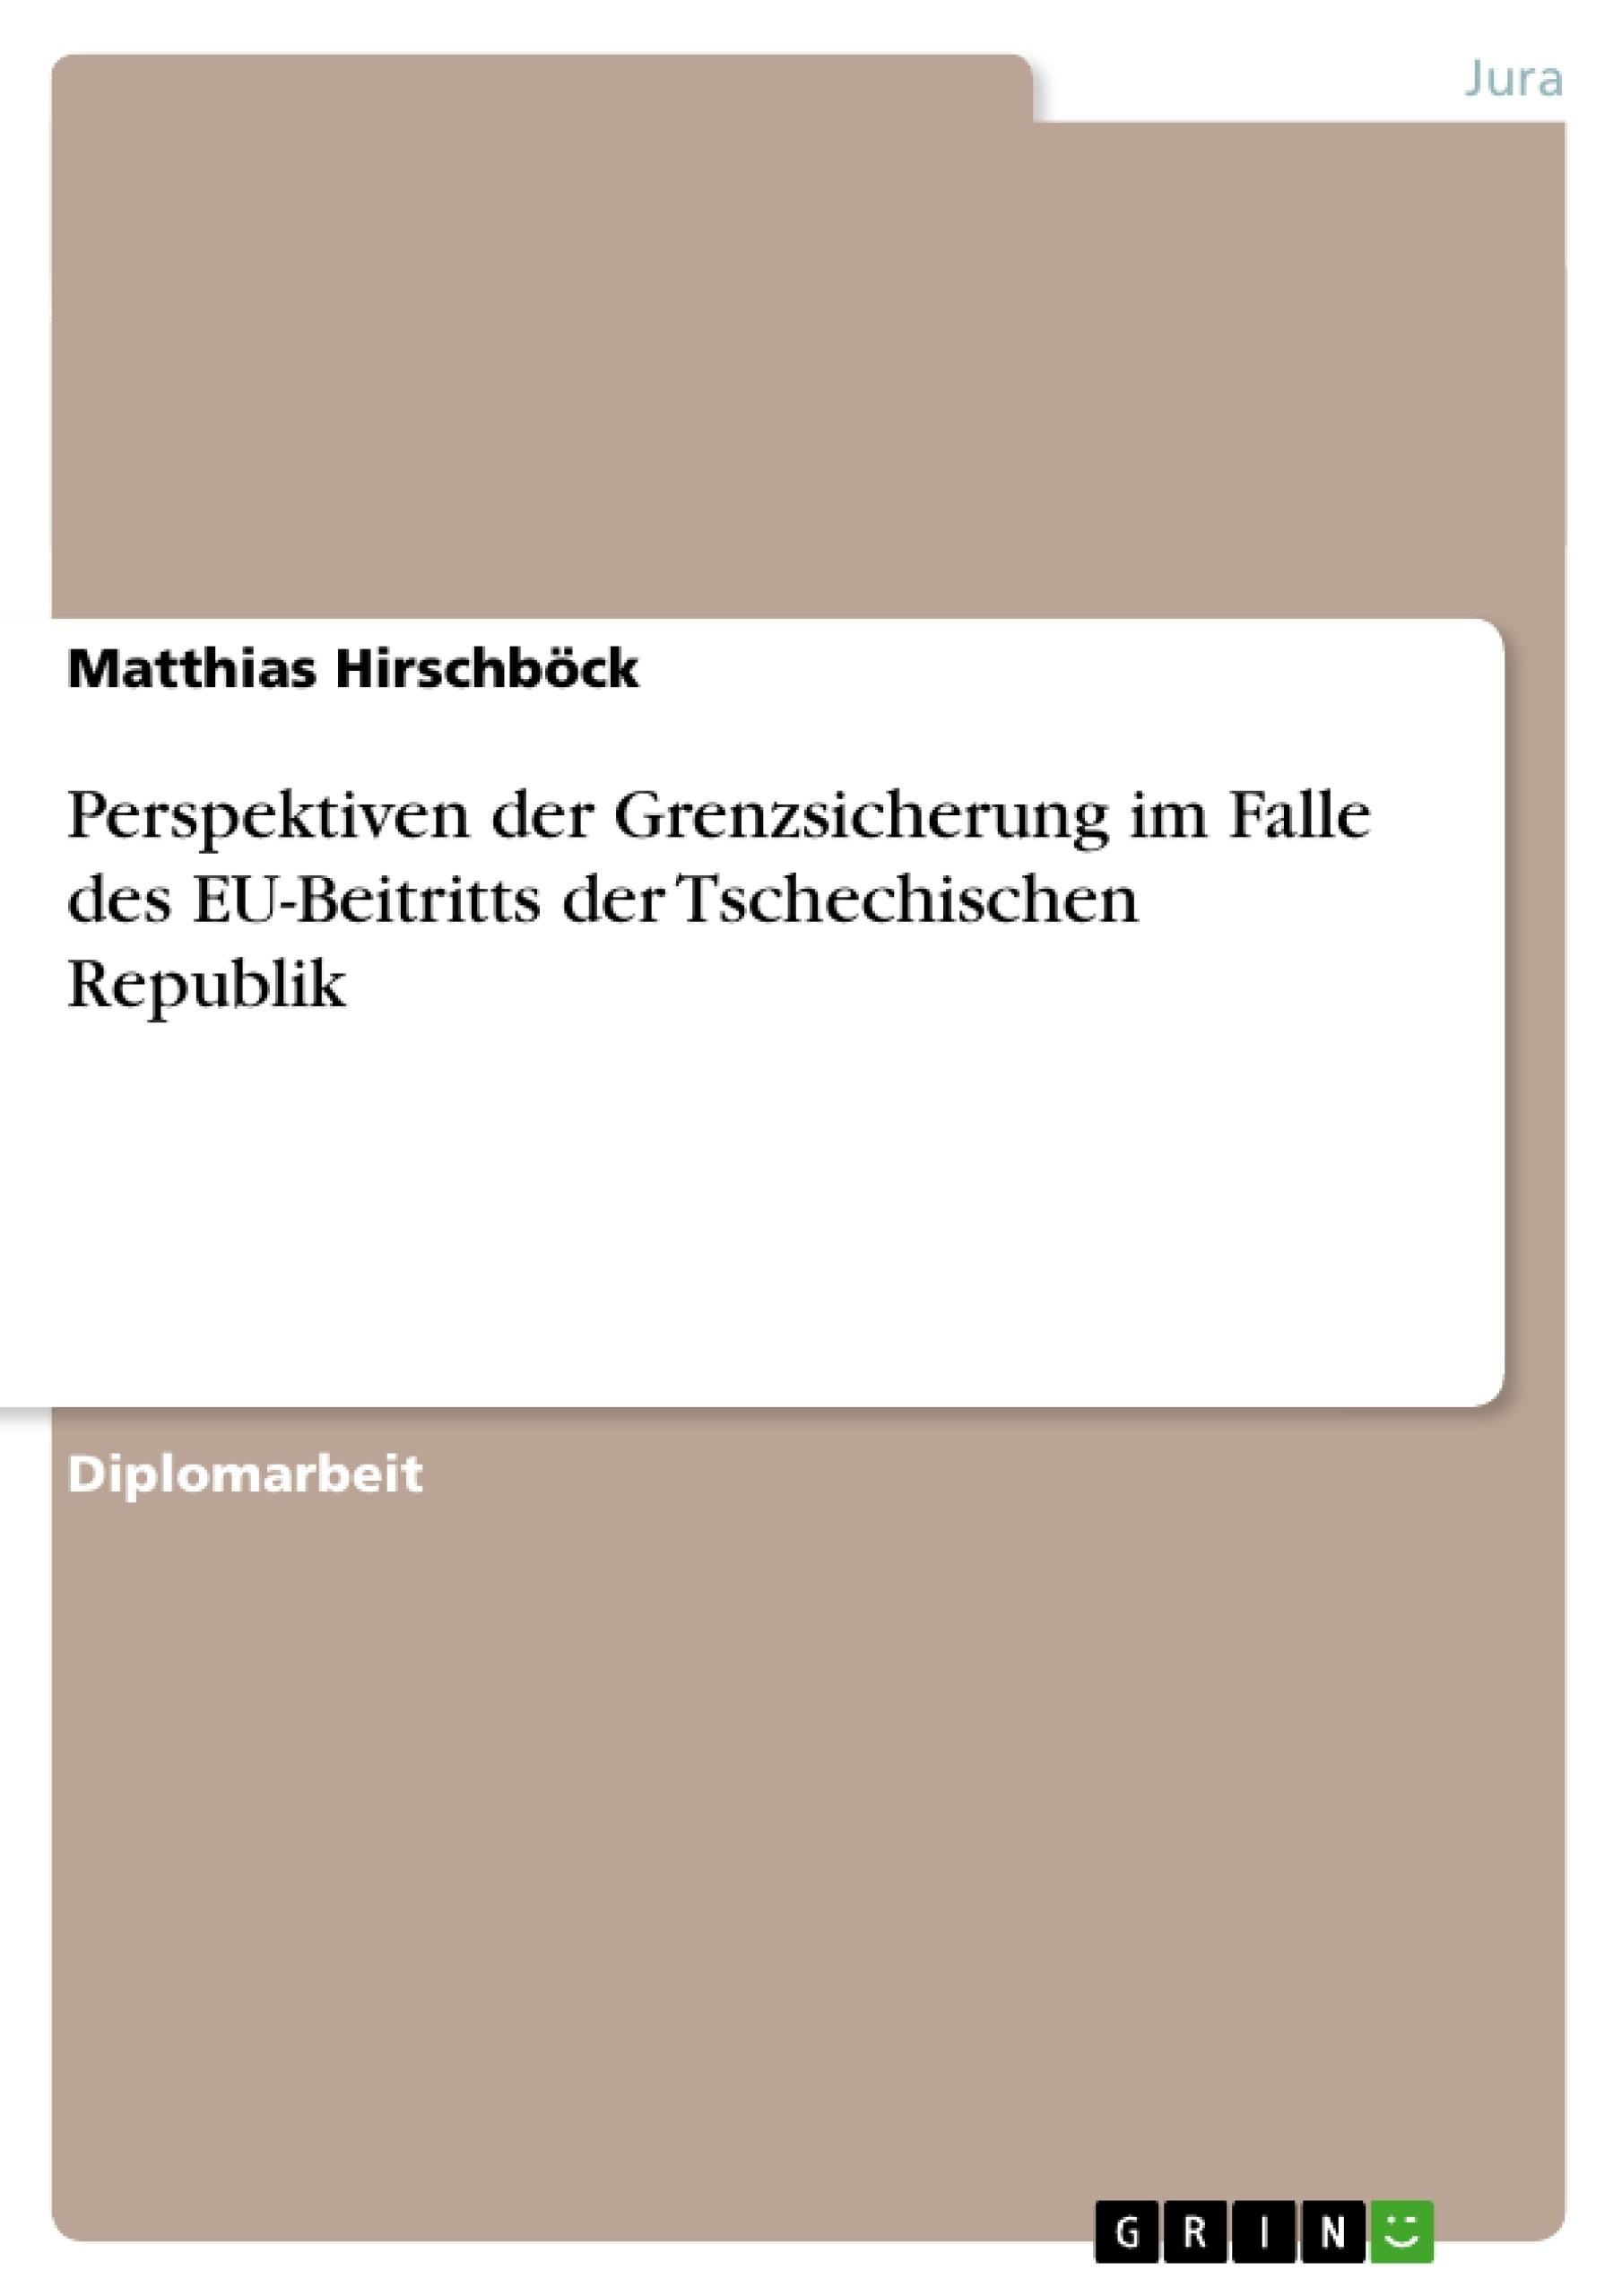 Titel: Perspektiven der Grenzsicherung im Falle des EU-Beitritts der Tschechischen Republik